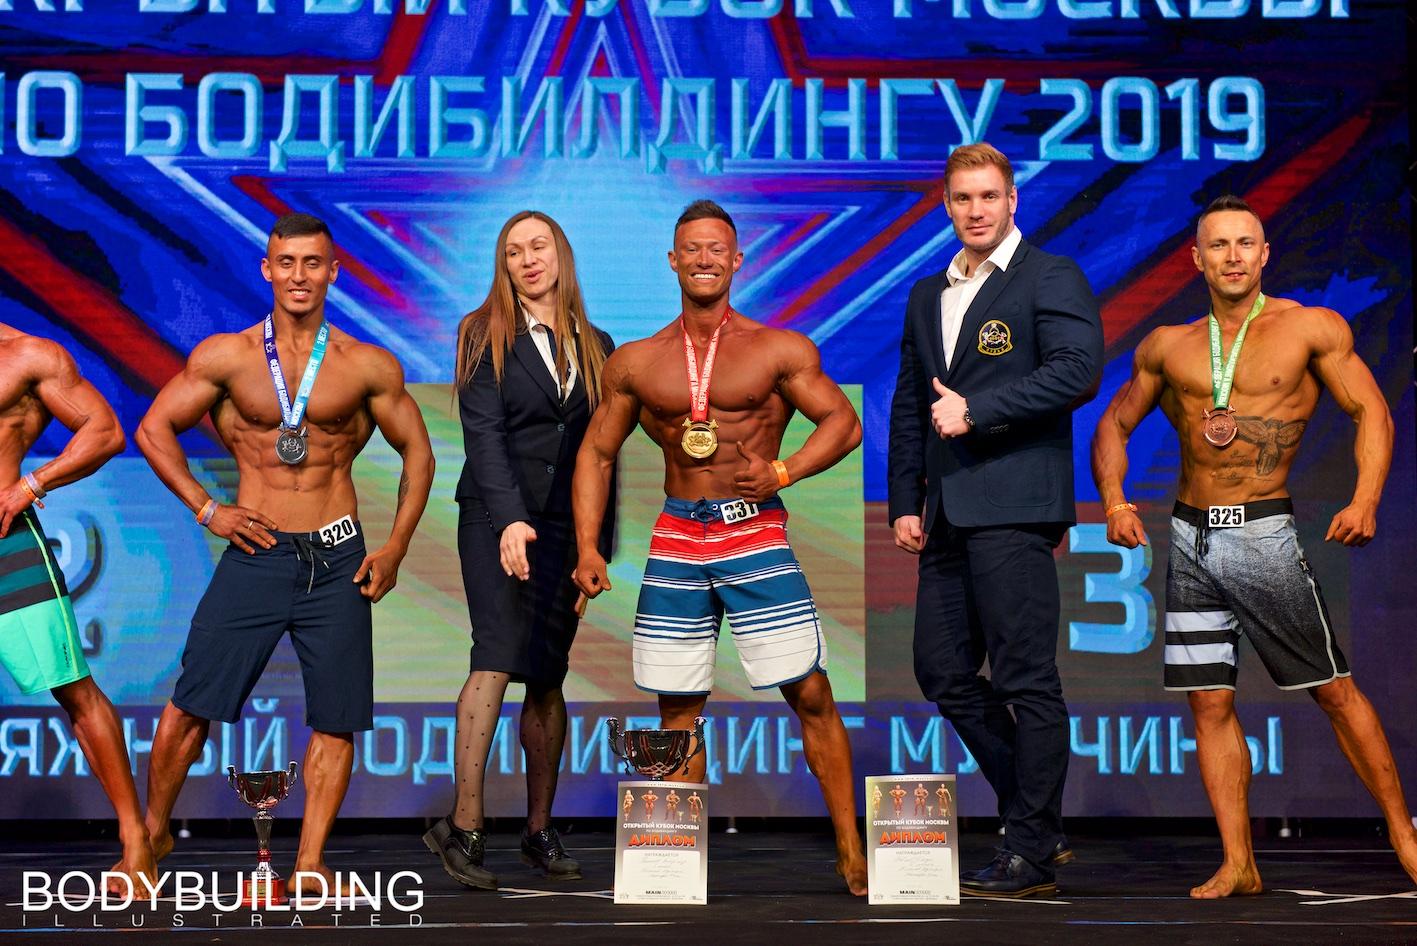 Кубок Москвы по бодибилдингу 2019 Пляжный бодибилдинг 174 см